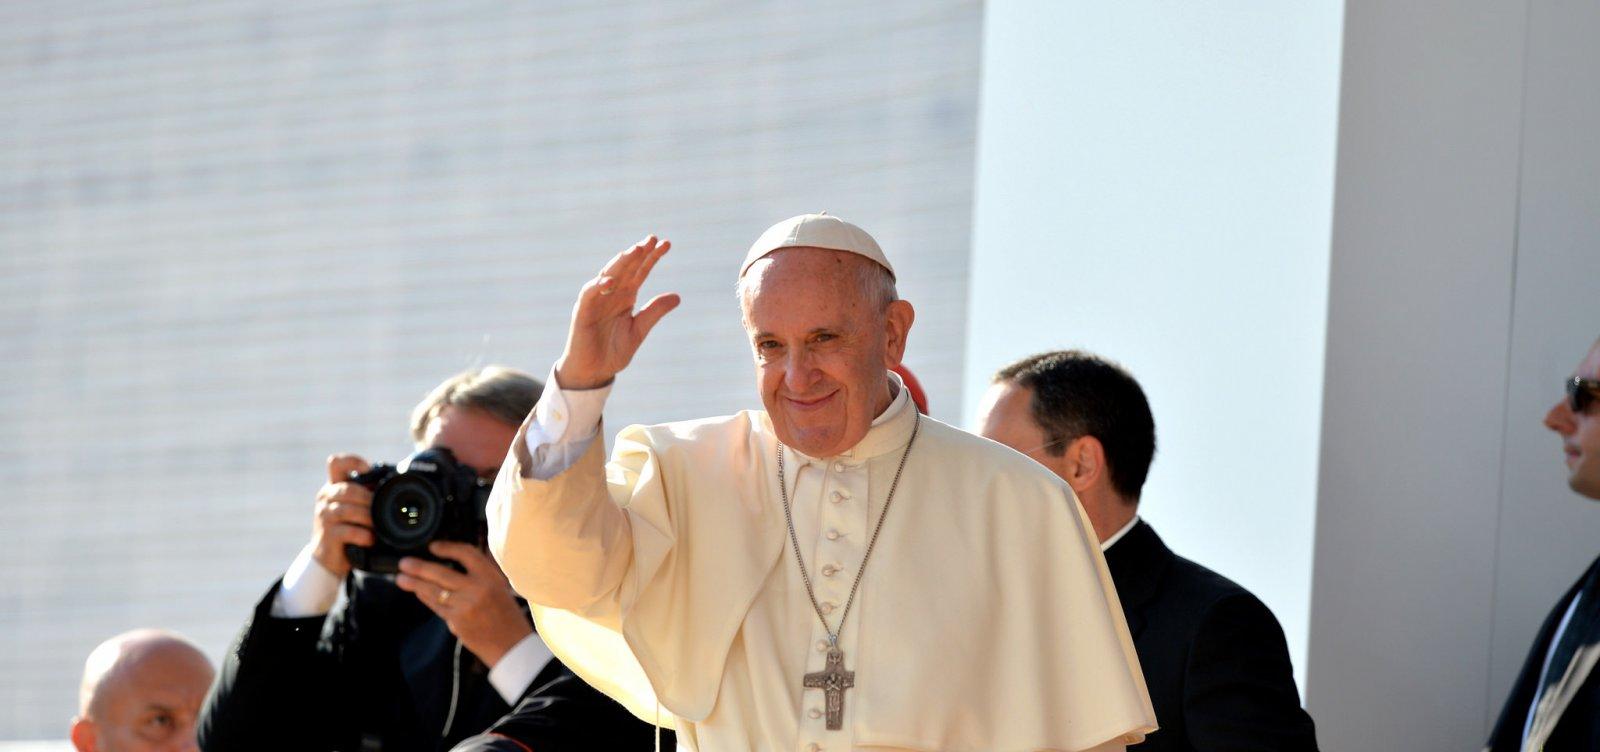 Papa Francisco faz discurso contra ódio: 'Parem de pensar em vocês mesmos'